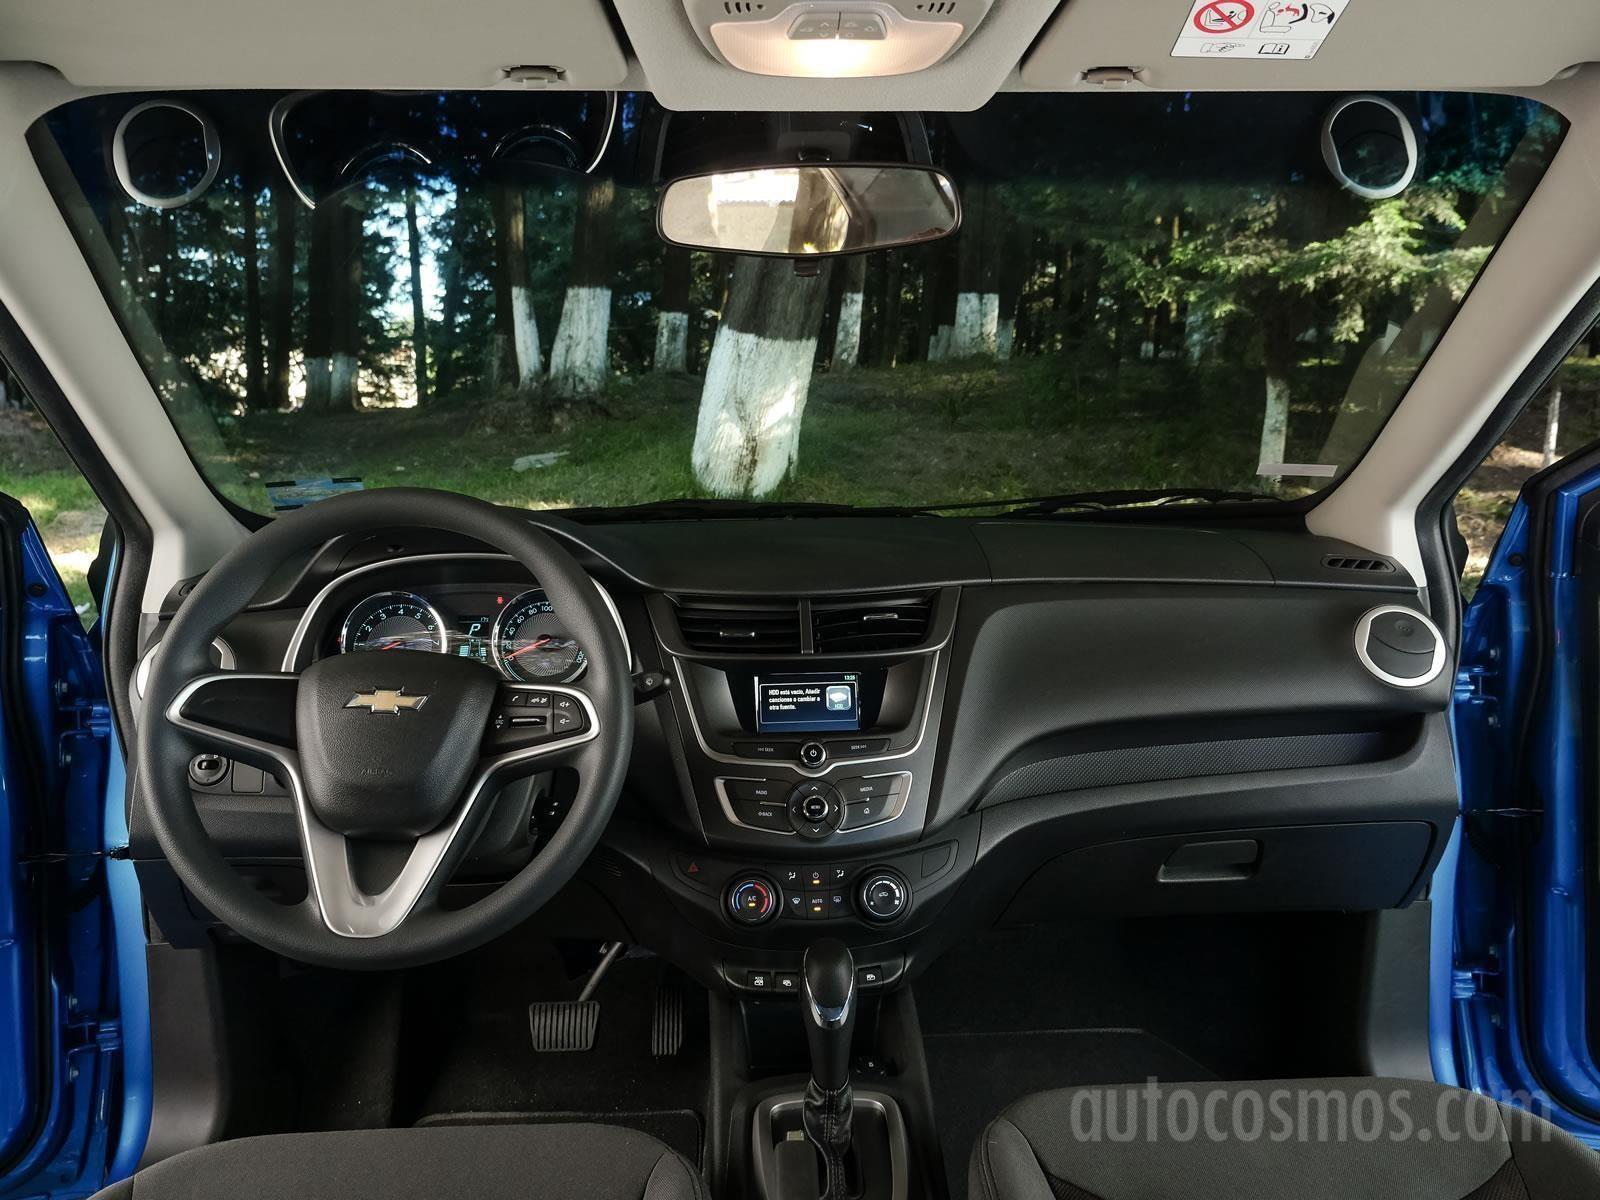 Chevrolet Aveo 2018 A Prueba Autocosmos Com